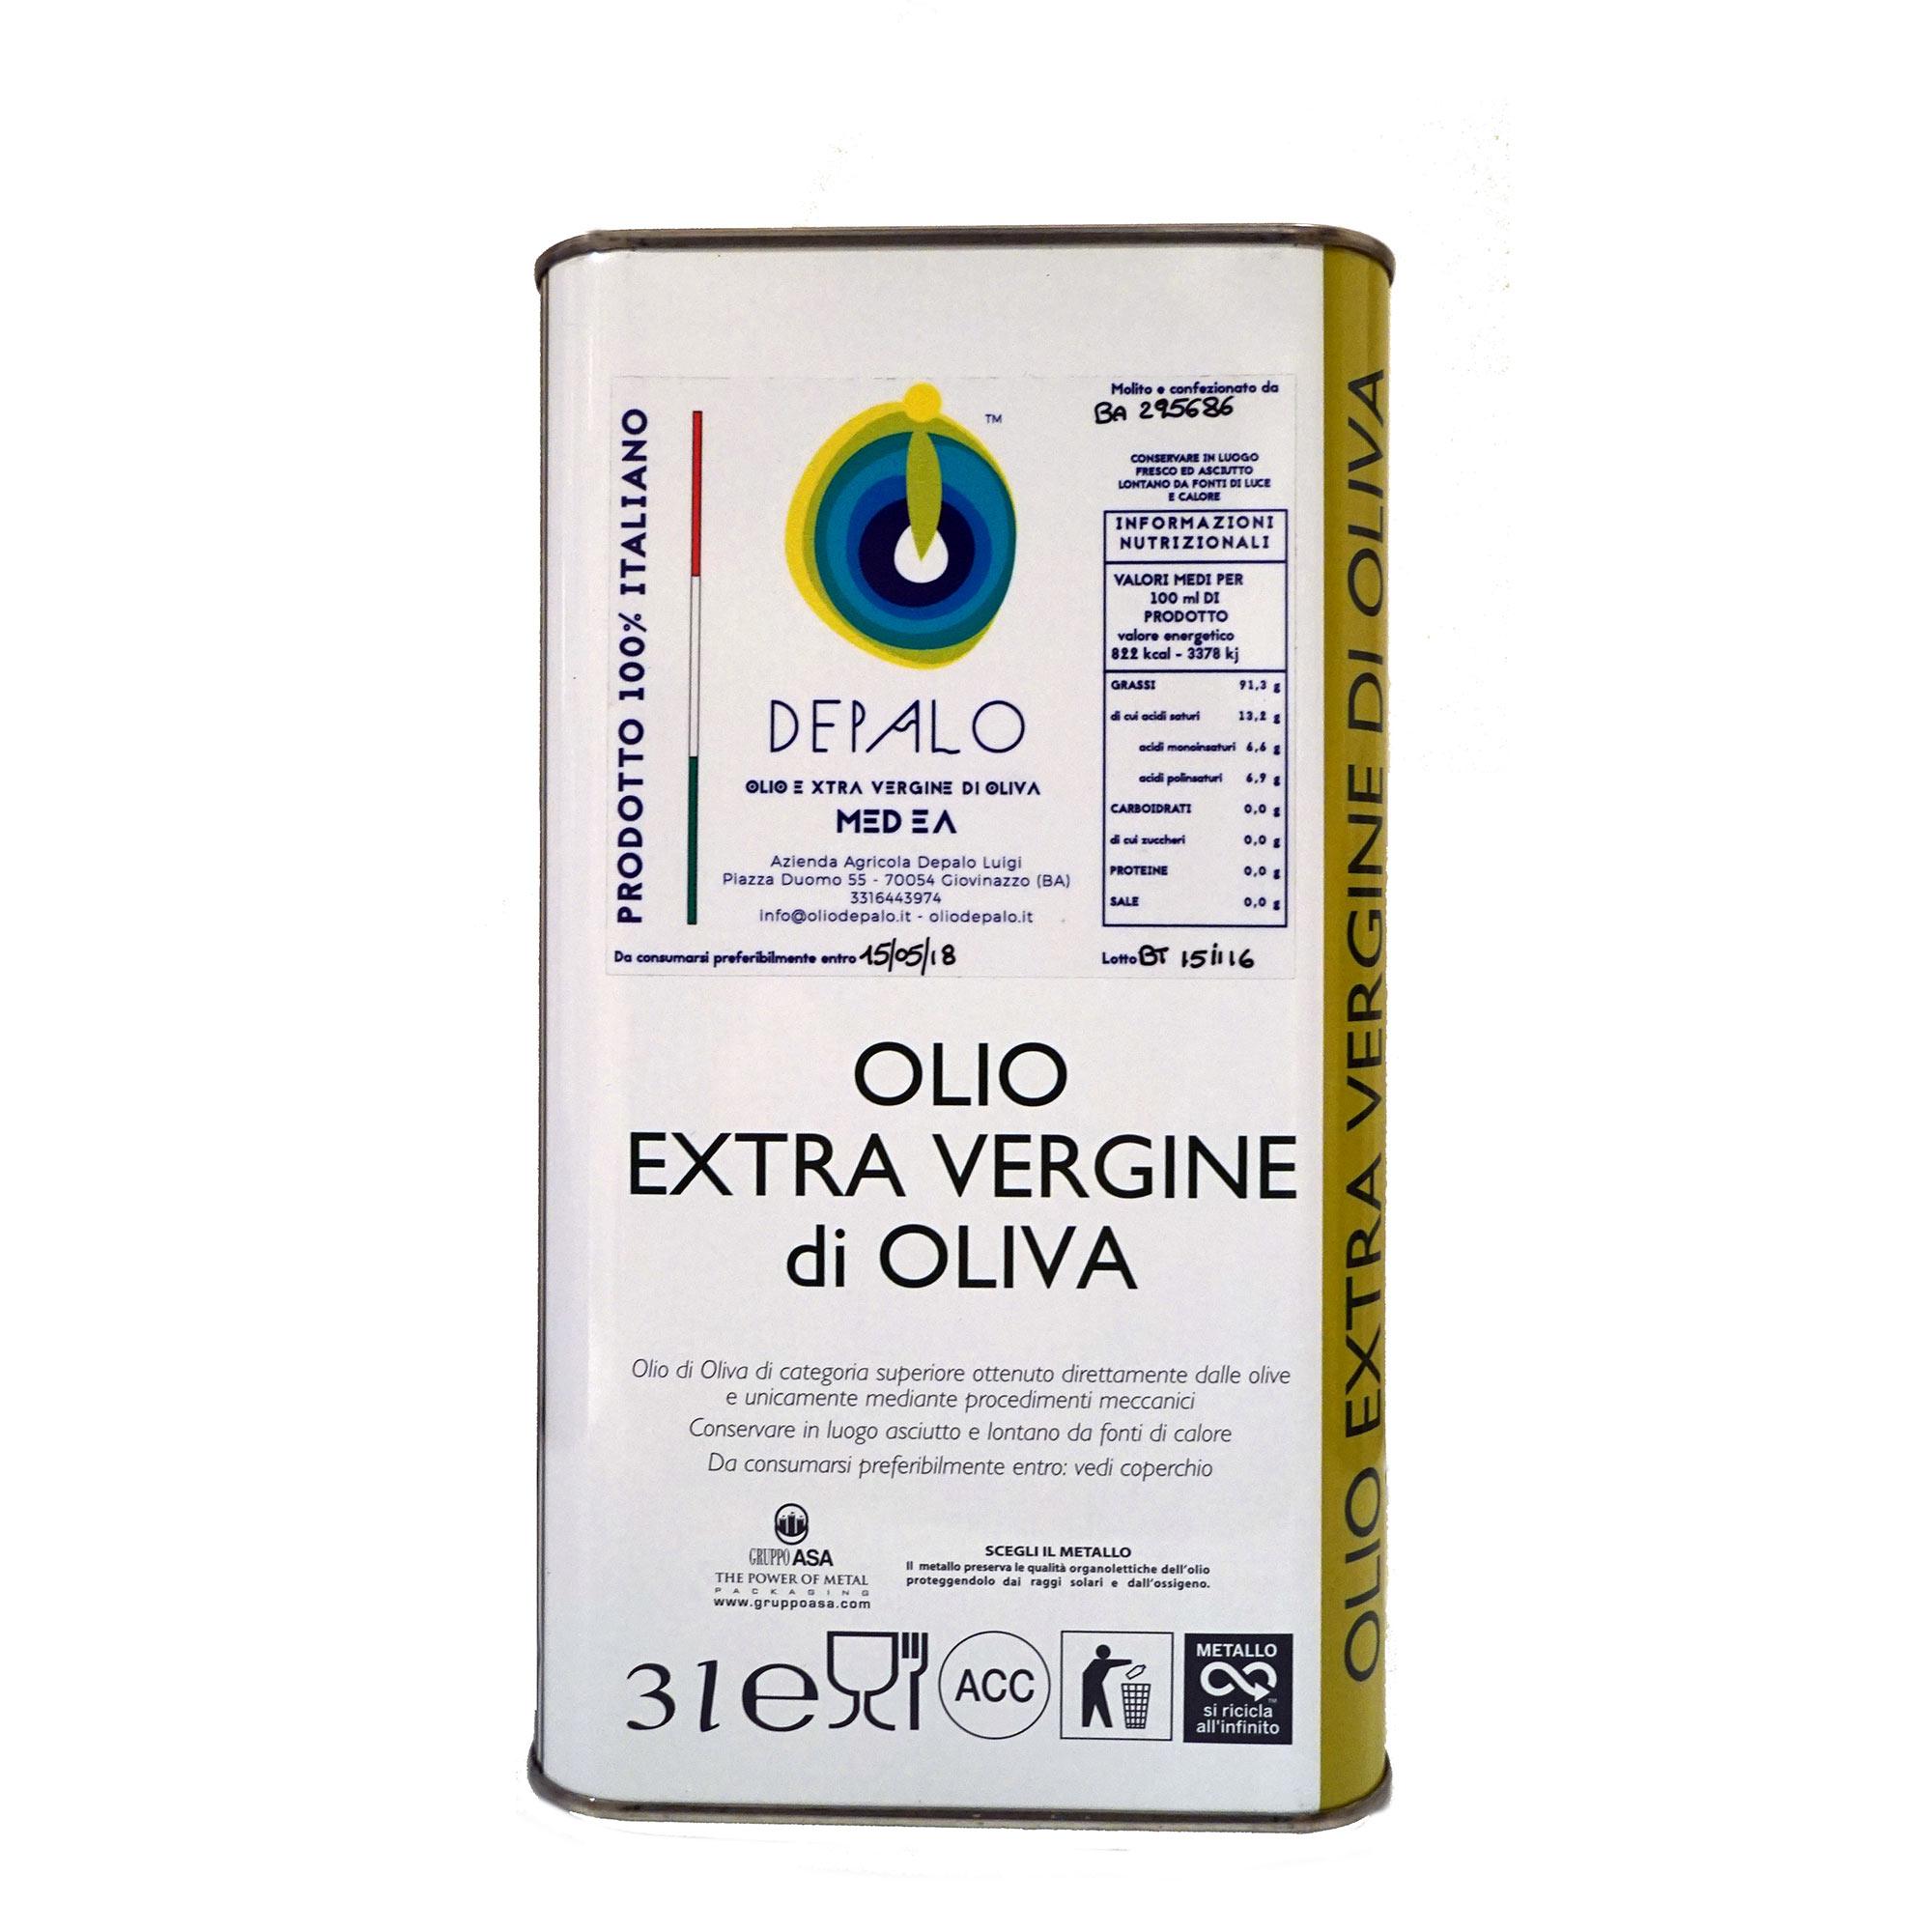 medea lattina olio extravergine di oliva depalo puglia